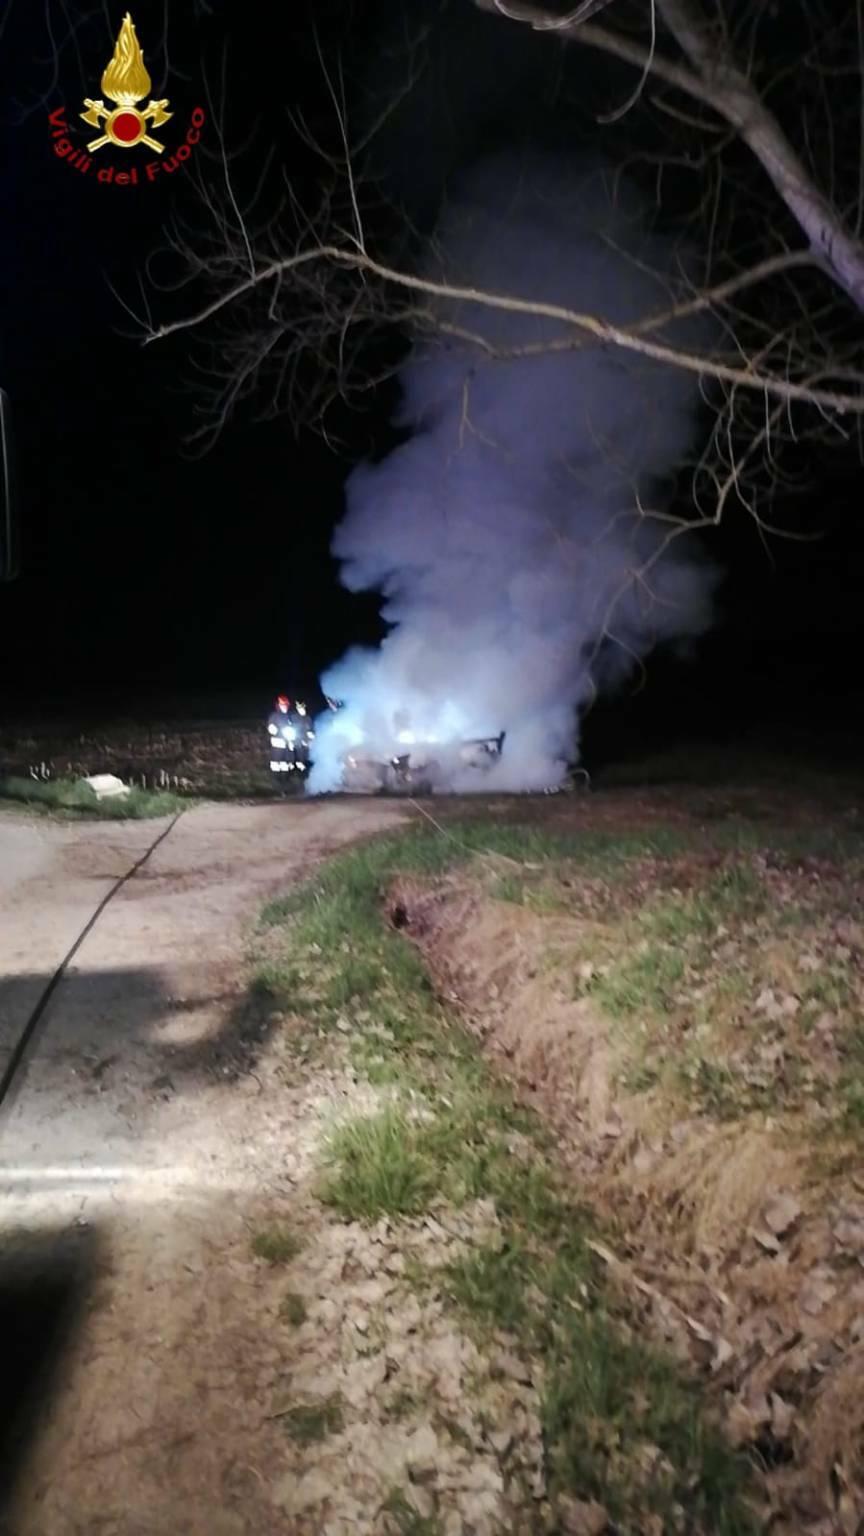 incendio auto celle enomondo